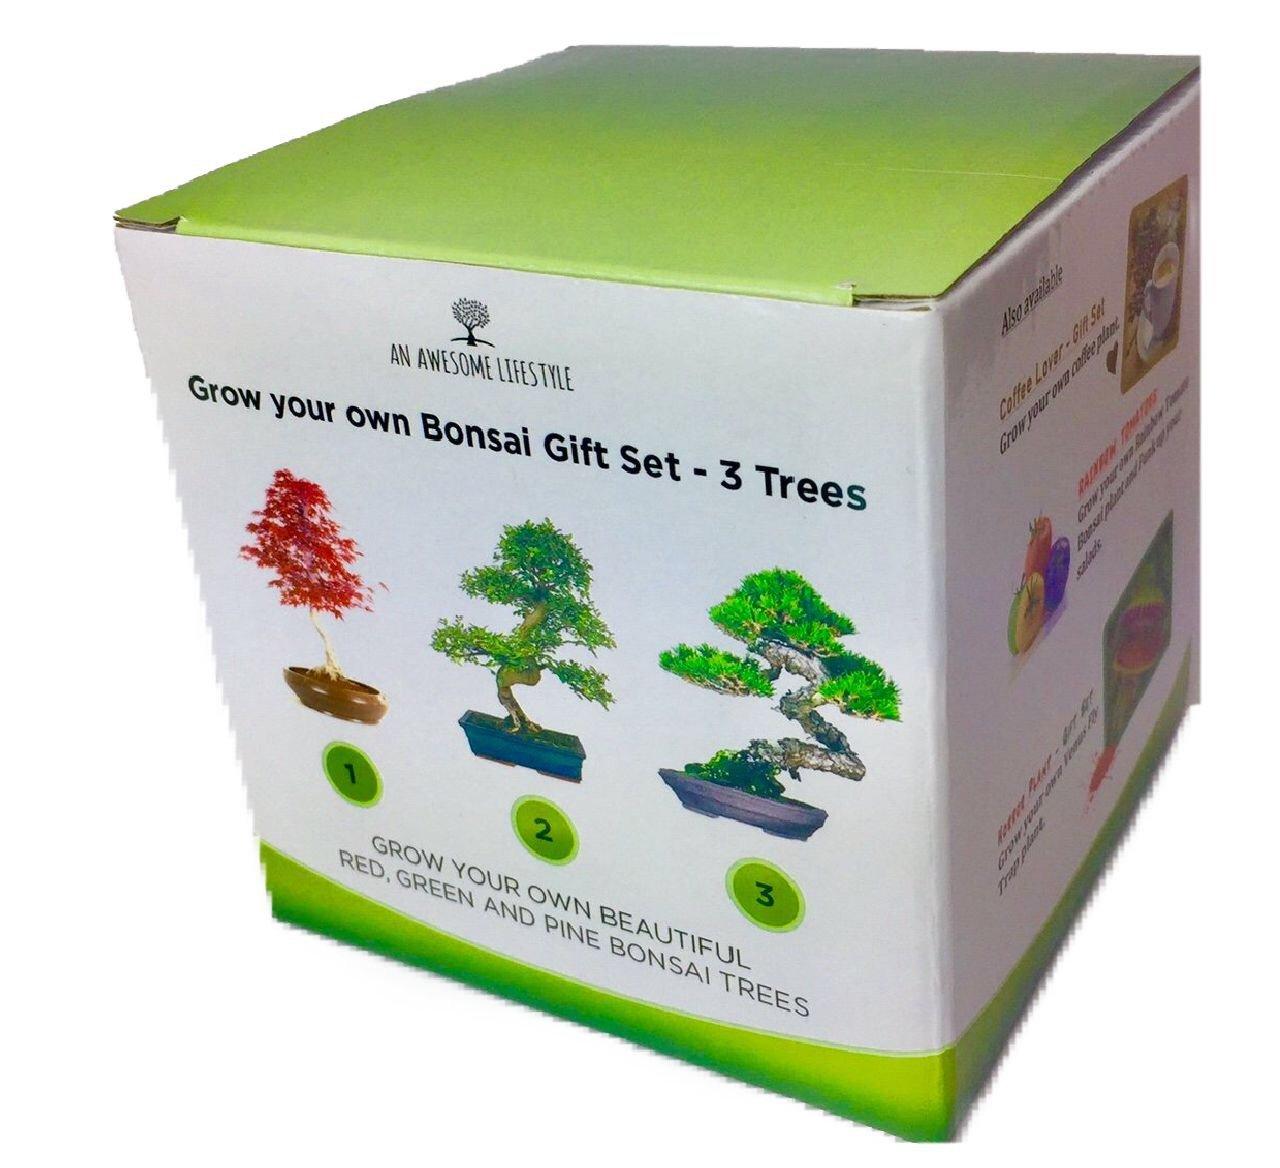 BONSAIBAUM SAMEN SET x3- Zü chten Sie ihre eigenen Bonsaibä ume - Geschenkset. bonsai mä nner geschenke geschenke fü r frauen geburtstagsgeschenk fü r mä nner blumen pflanzen zimmerpflanzen baum An Awesome Lifestyle